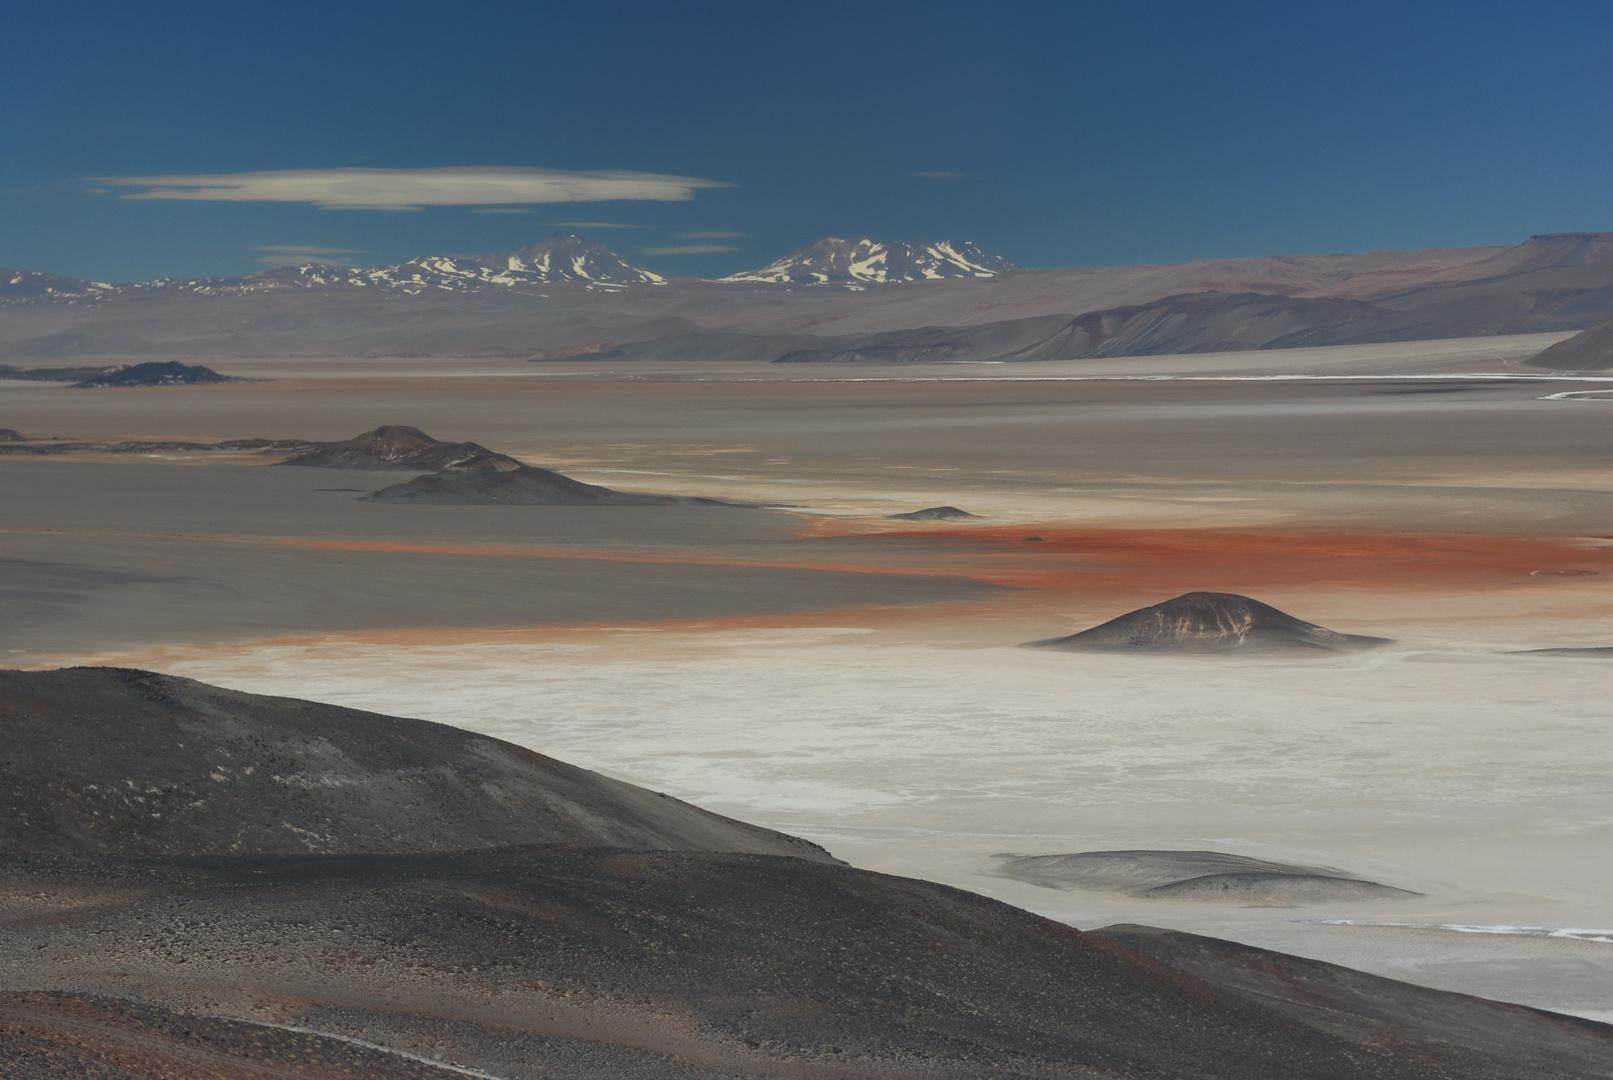 Simposio de Montañas y Sal